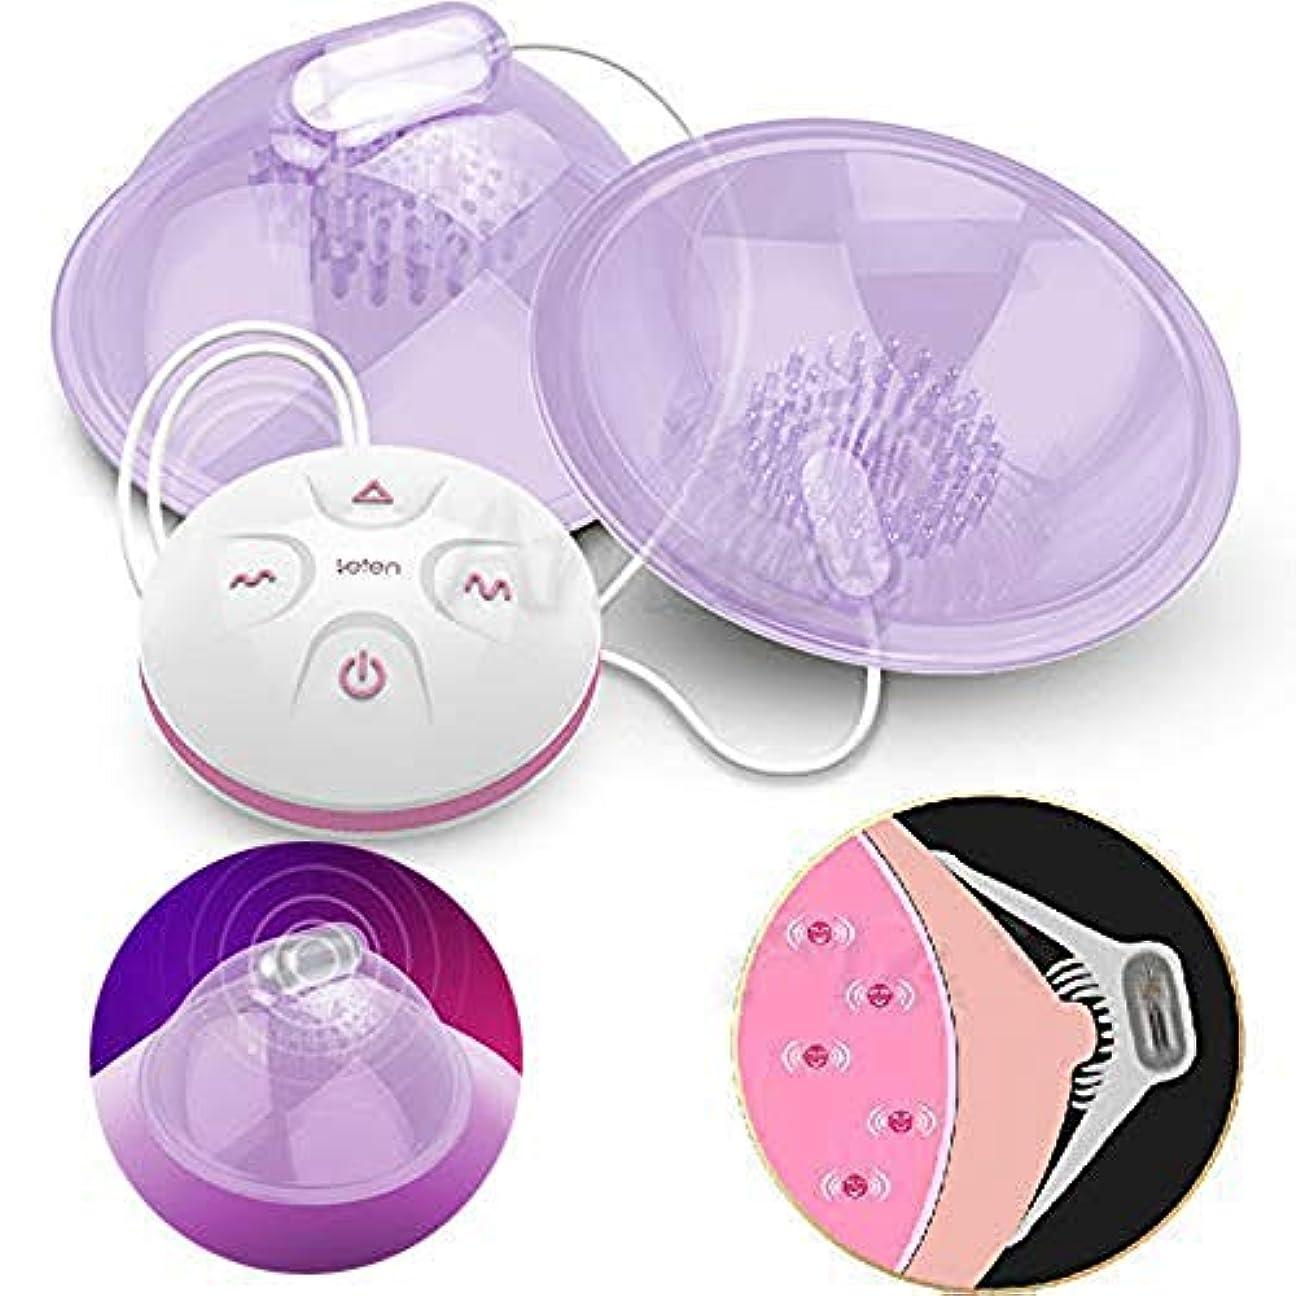 凍った立ち向かう女優充電式Ni-ppleマッサージャー胸胸部刺激装置エンハンサー玩具女性、小売ボックス付き10スピードスピードモード電動ポンプ吸盤